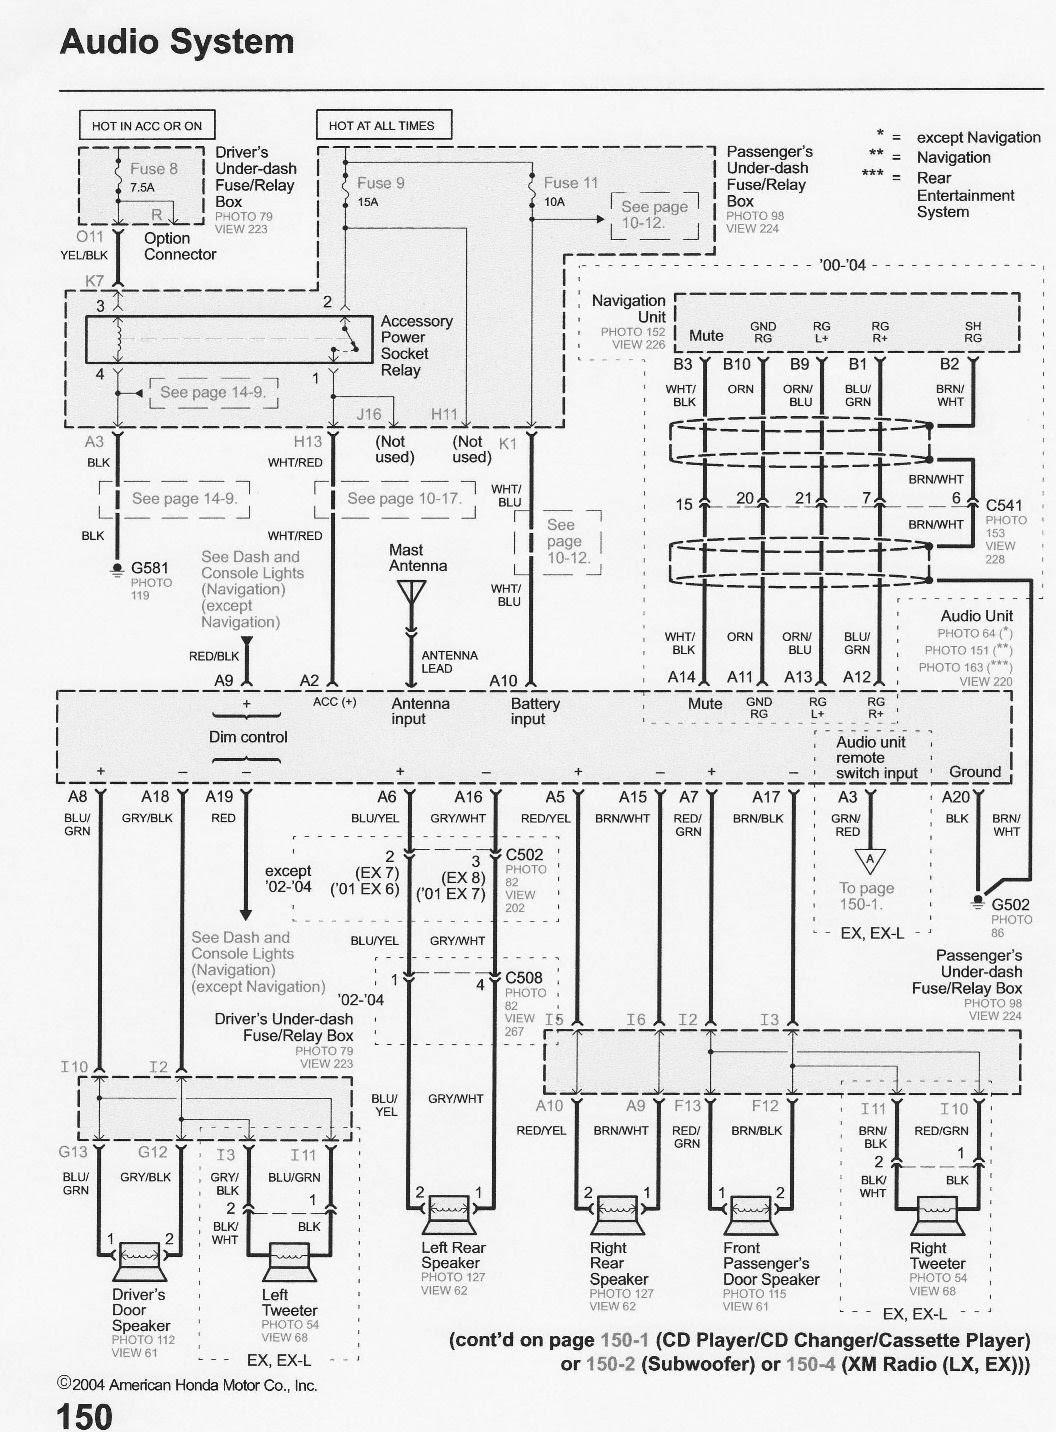 Diagram 2005 Honda Odyssey Radio Wiring Diagram Full Version Hd Quality Wiring Diagram Videodiagram Mddiego It